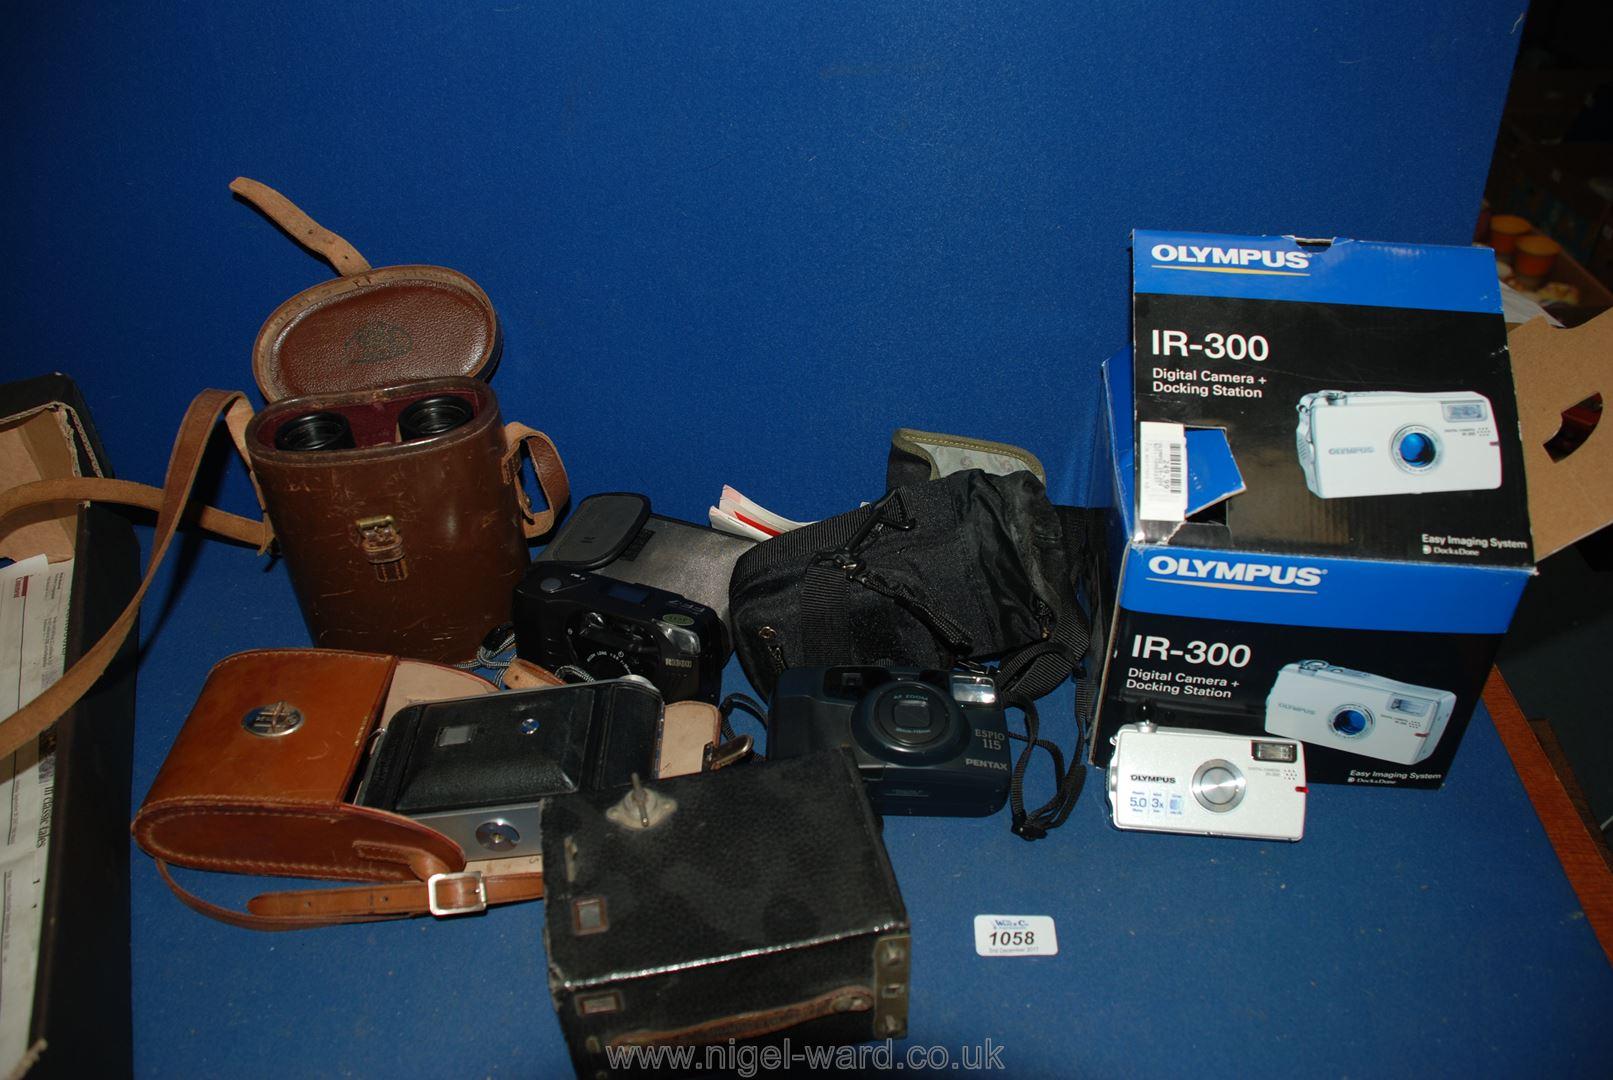 Lot 1058 - A quantity of various Cameras